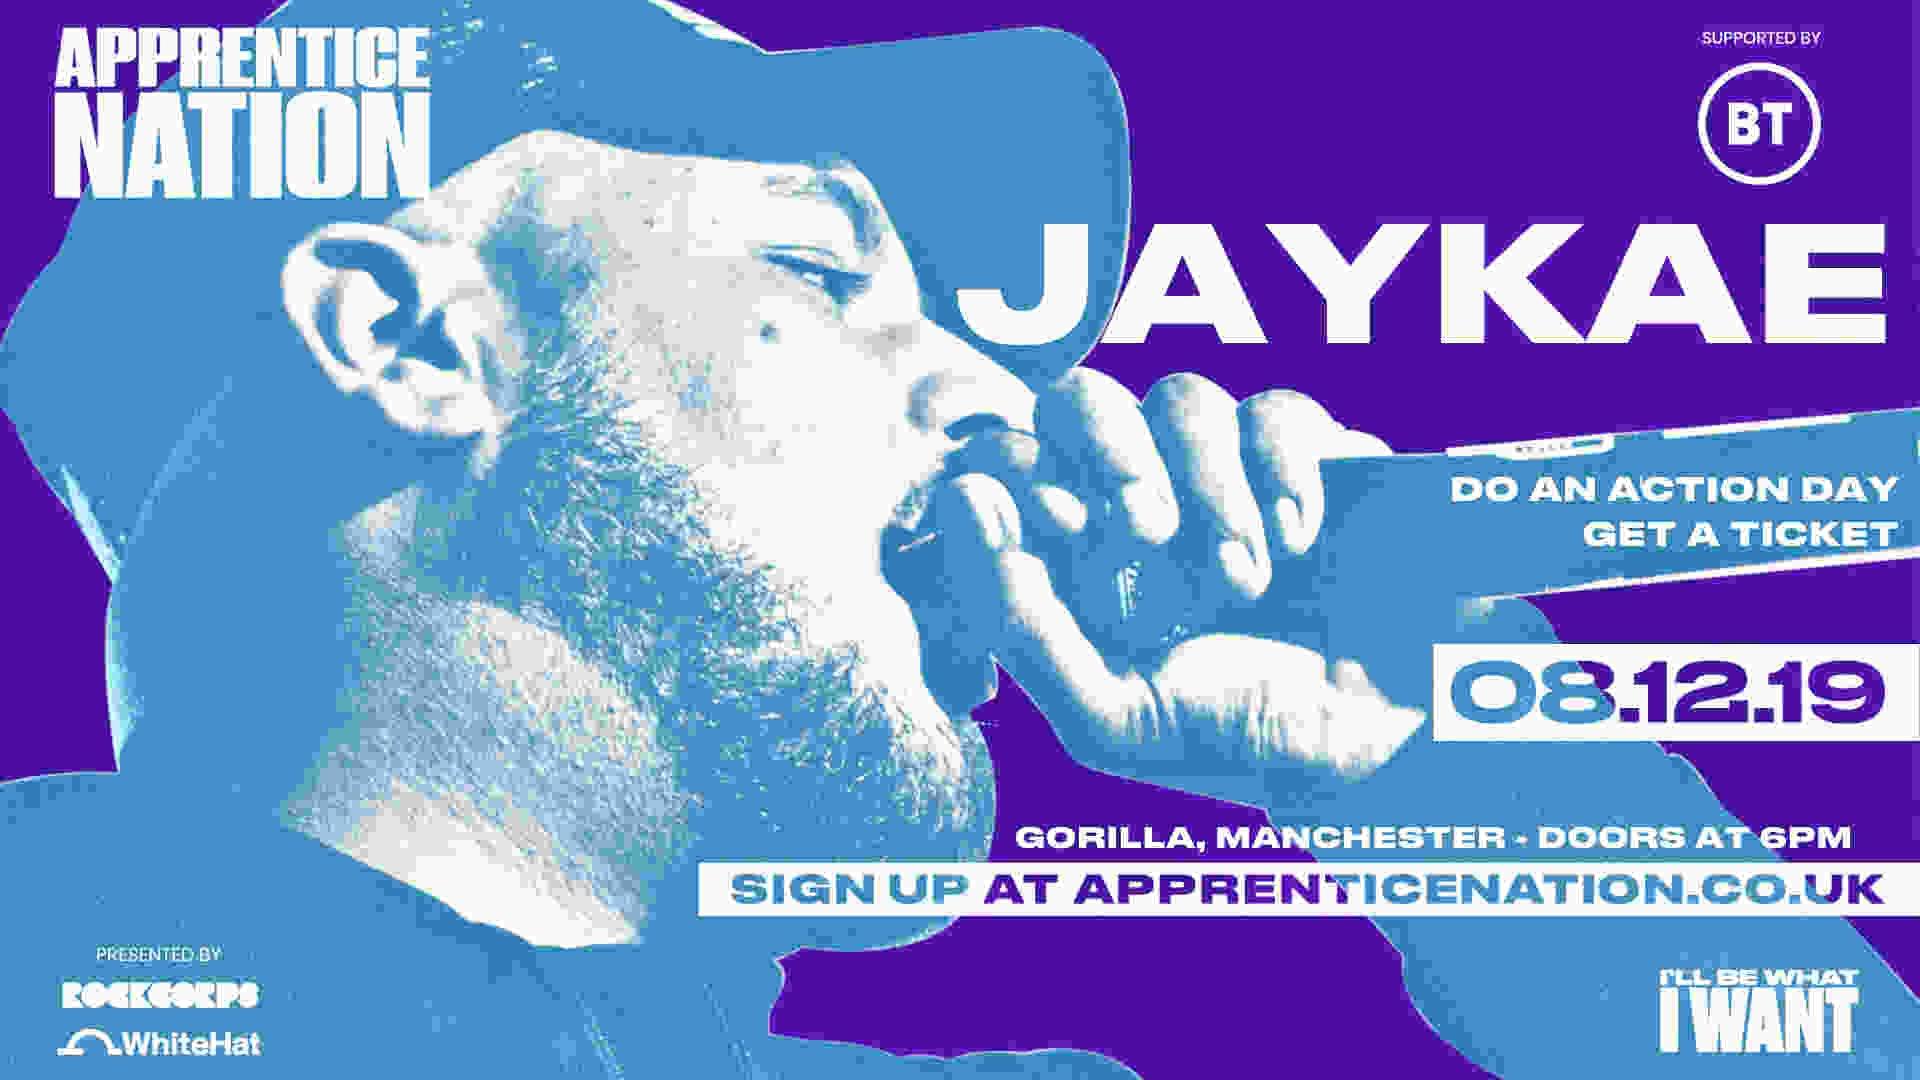 Apprentice Nation: Jaykae